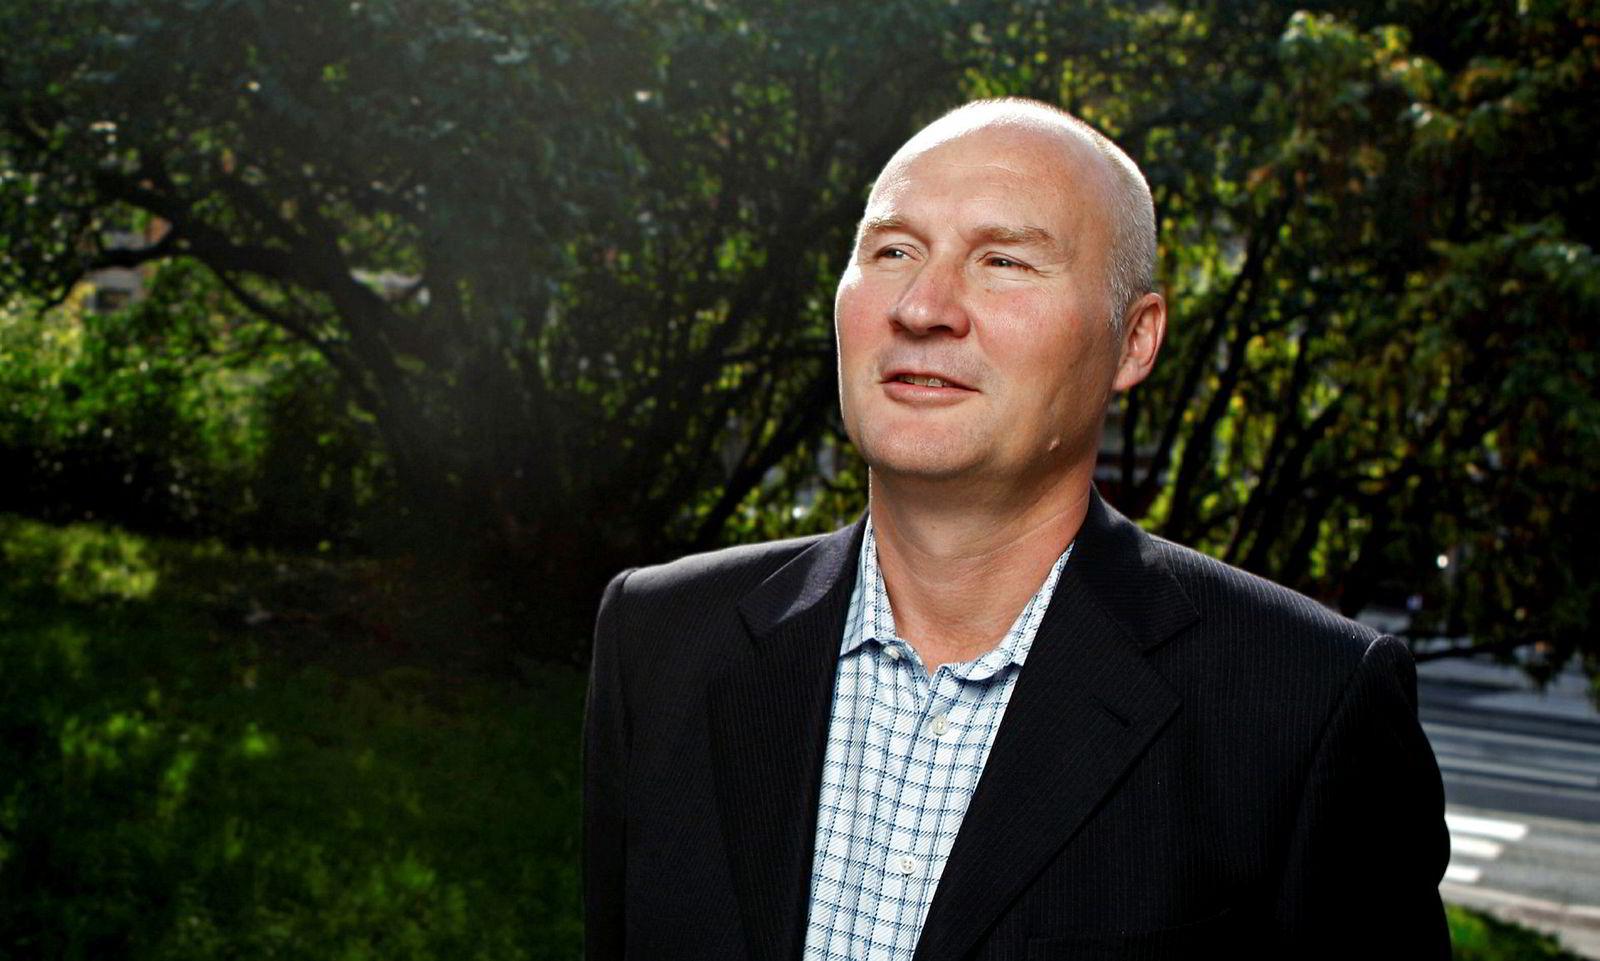 Administrerende direktør Bernt Zakariassen i Verdipapirfondenes foreningens (Vff).